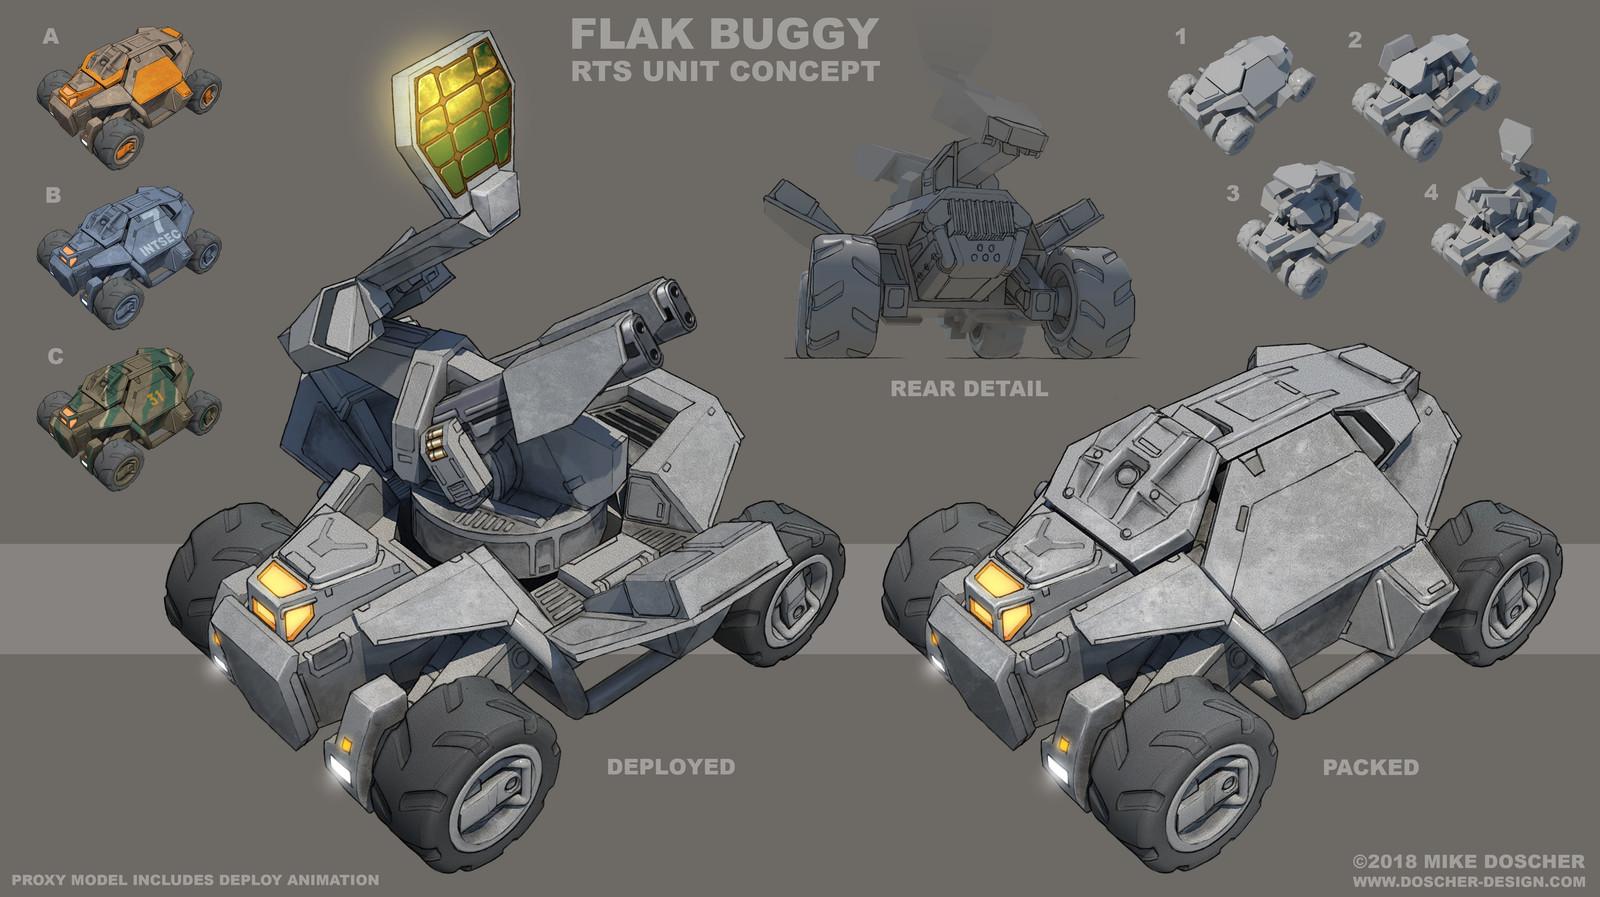 Flak Buggy